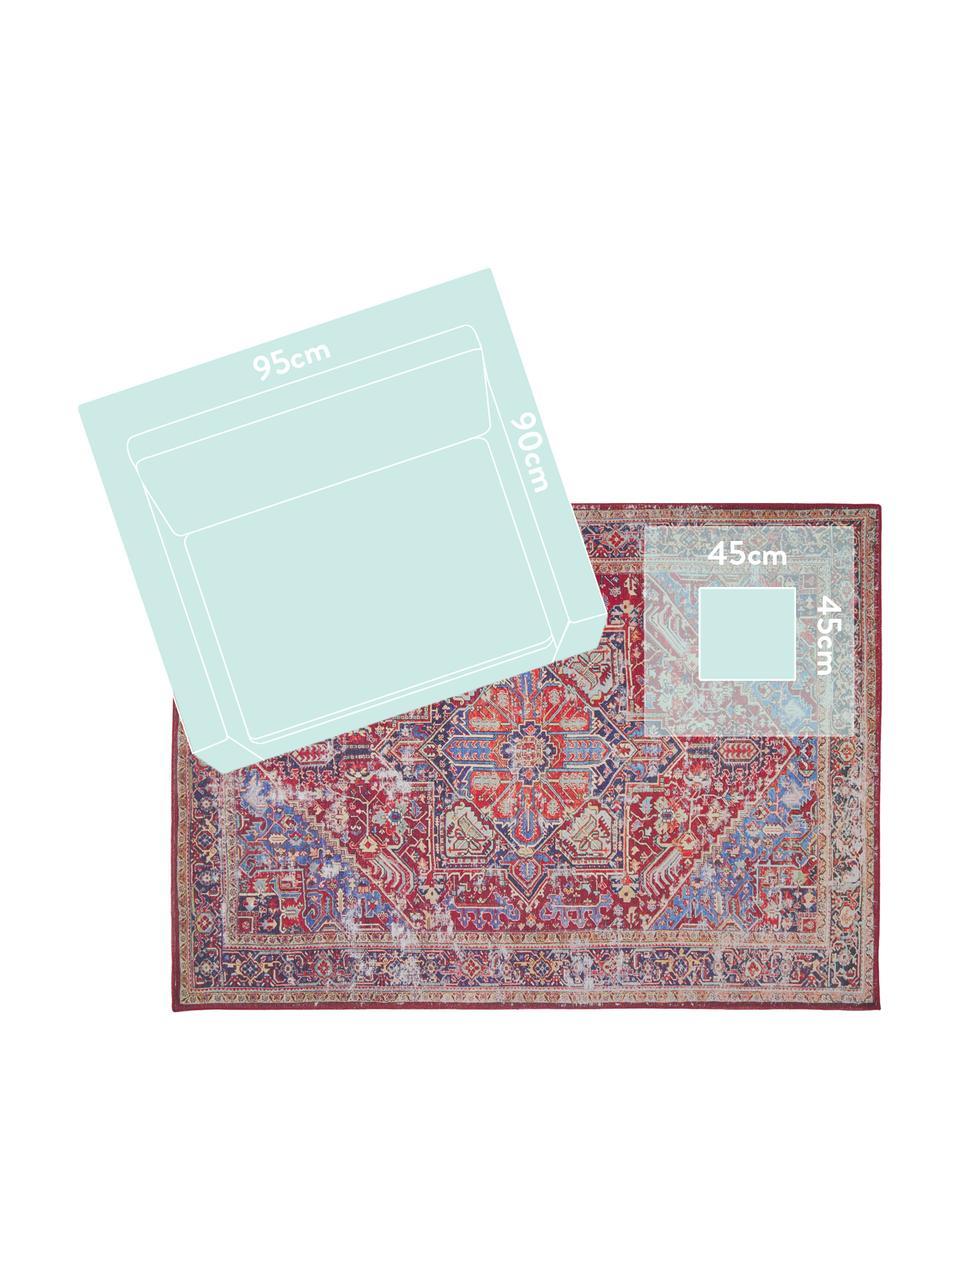 Chenilleteppich Paulo im Vintage Style, Flor: Chenillegarn (100% Polyes, Rot, Blau, Beige, B 190 x L 290 cm (Größe L)